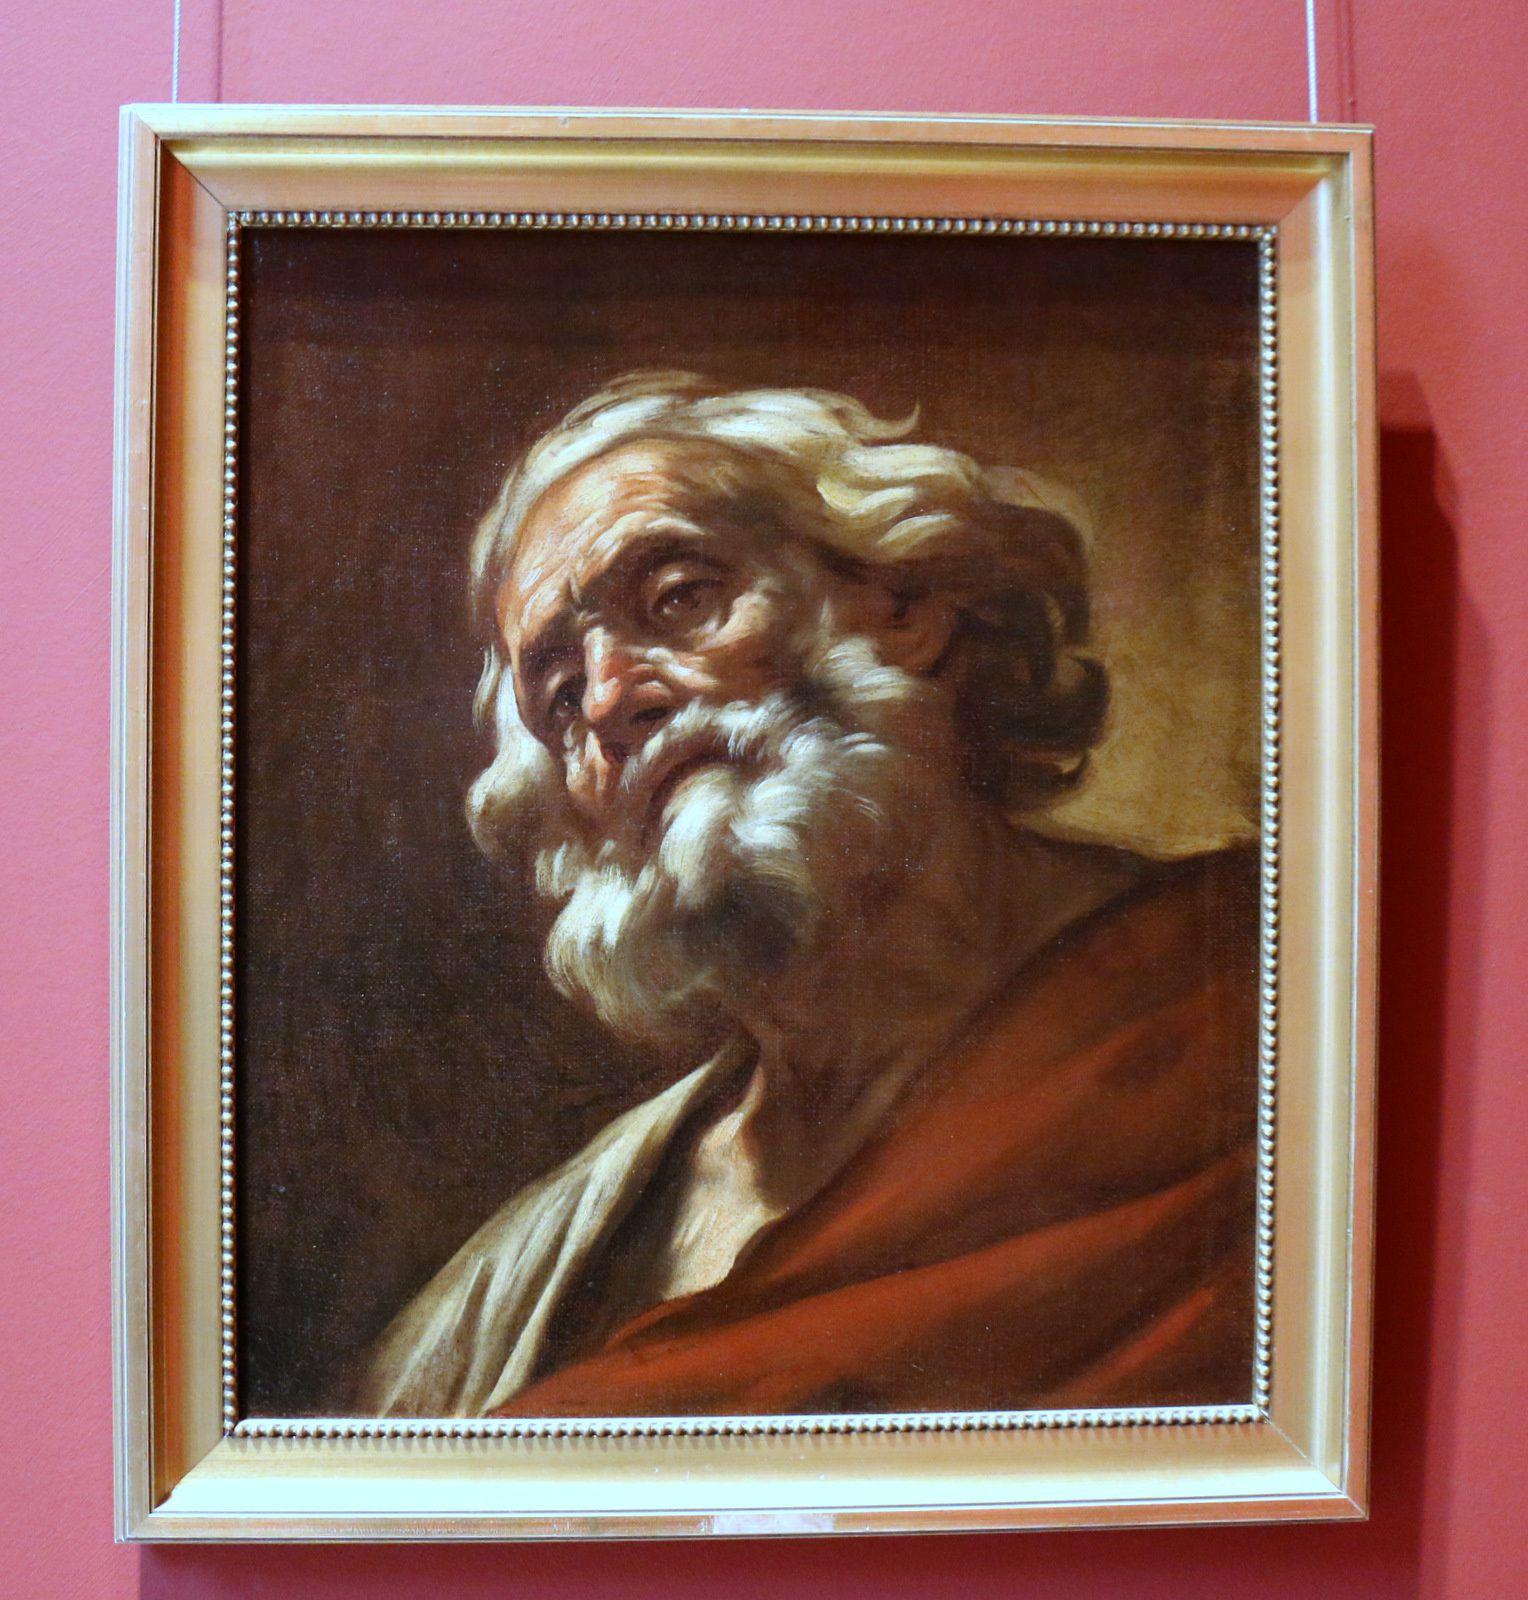 Tête de vieillard, tableau de Giovanni Battista Beinaschi